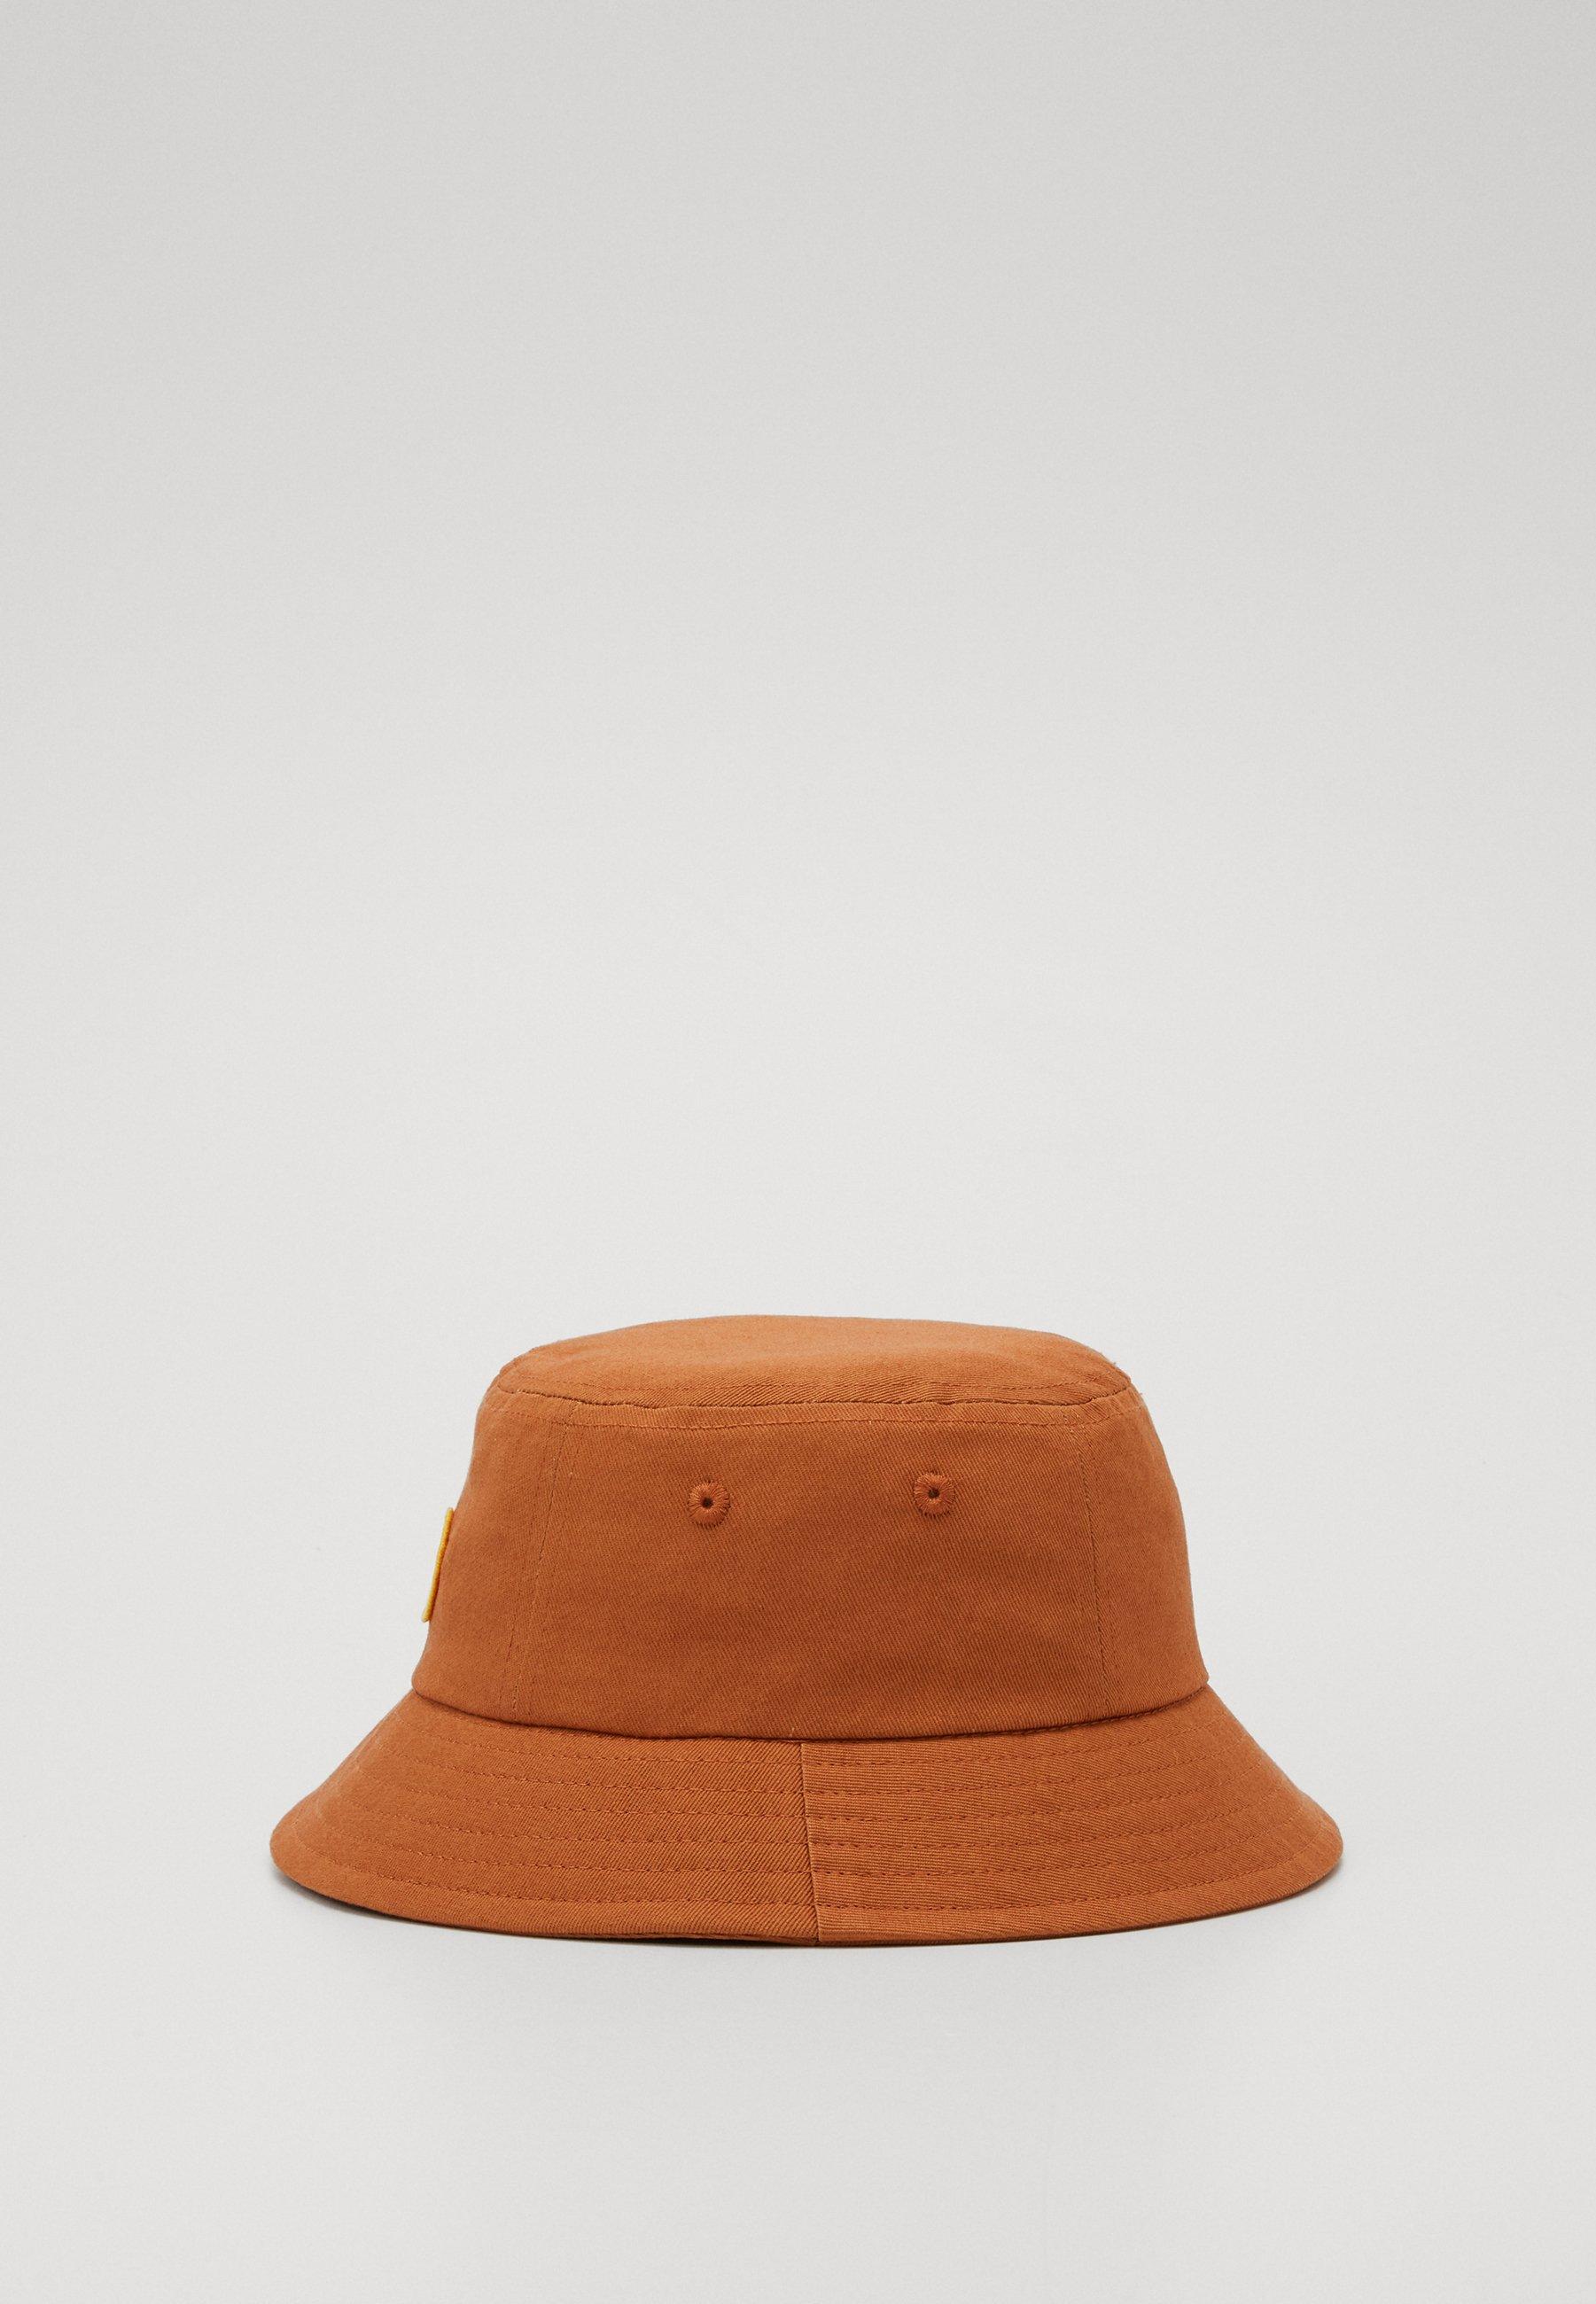 Wood Wood VAL KIDS BUCKET HAT - Hatt - camel/brun IP4sORn0QDsz9m7